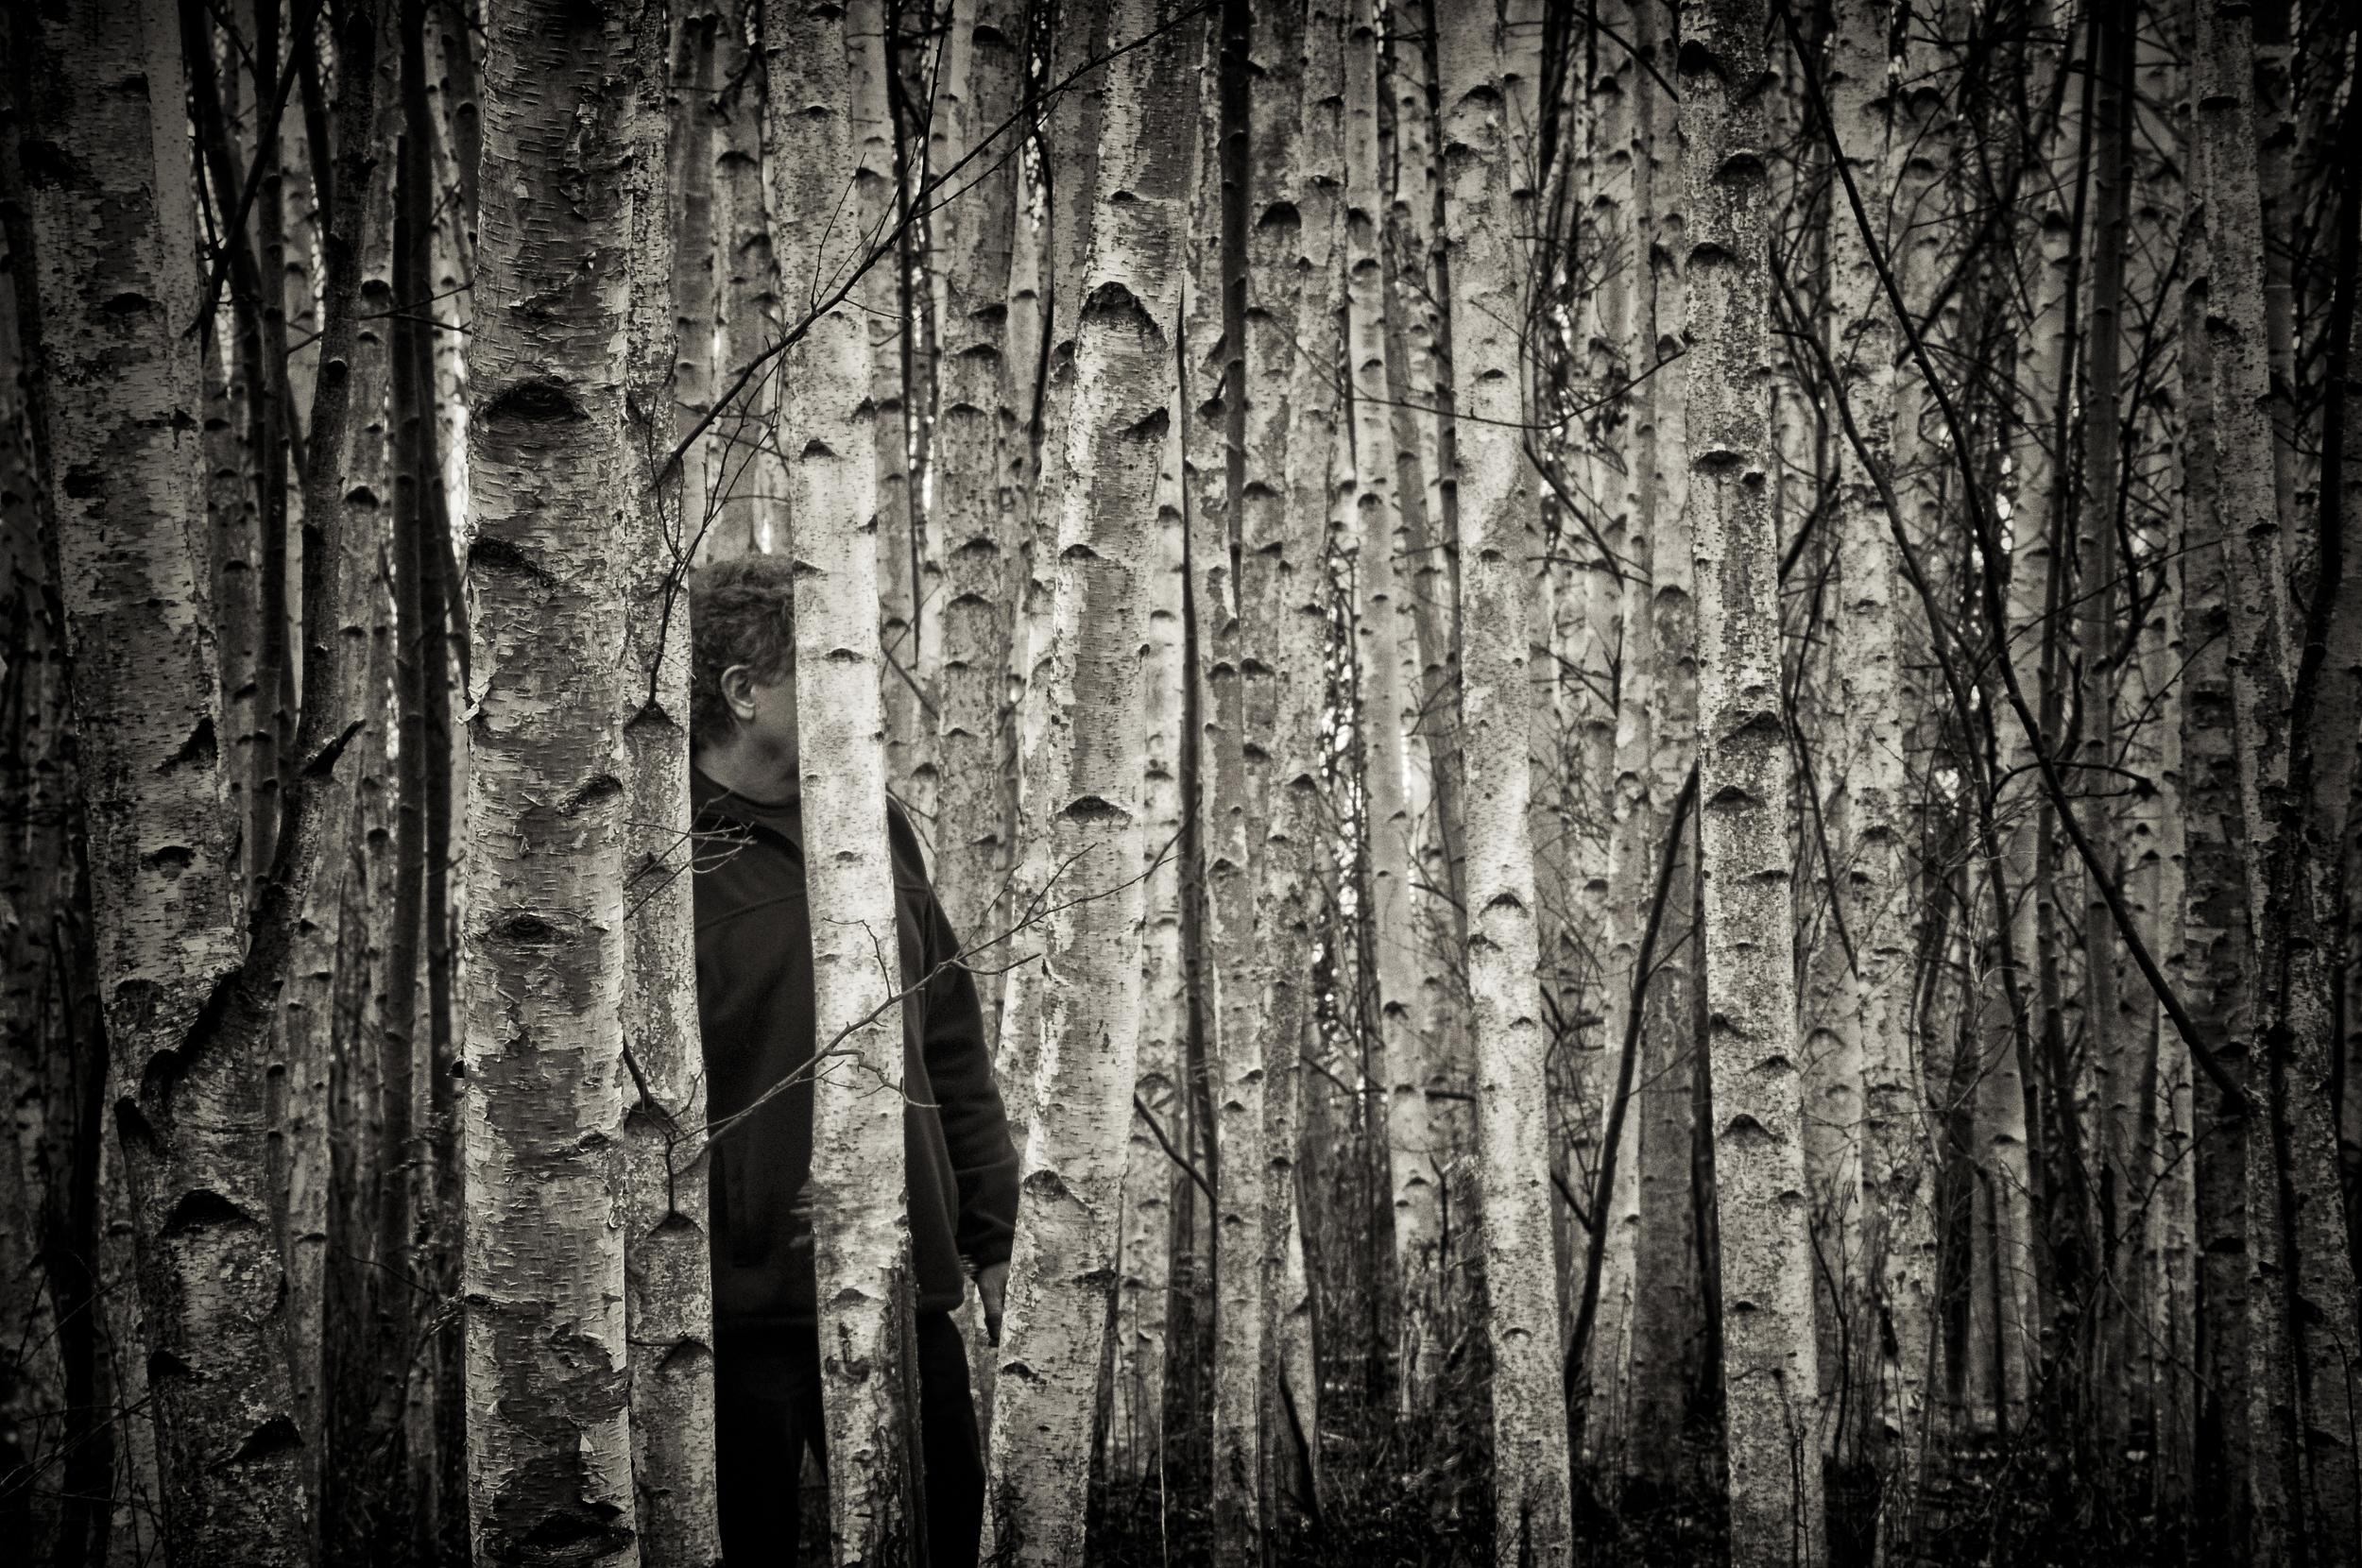 The Birches   Near Skaneateles, N.Y.